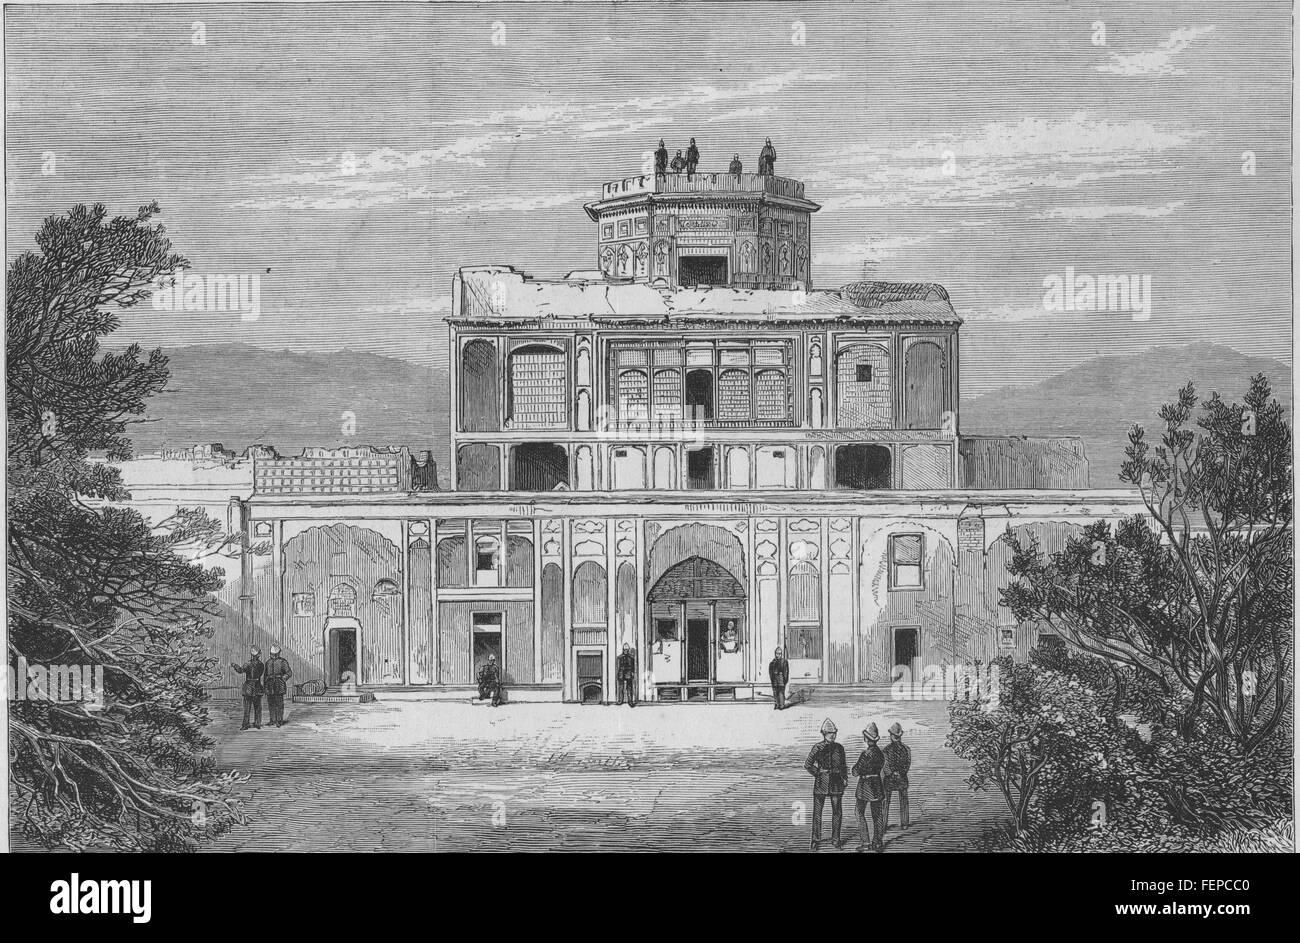 S de guerre anglo-afghane de Kandahar le vieux palais à l'intérieur de la Citadelle. Afghanistan 1880. Photo Stock